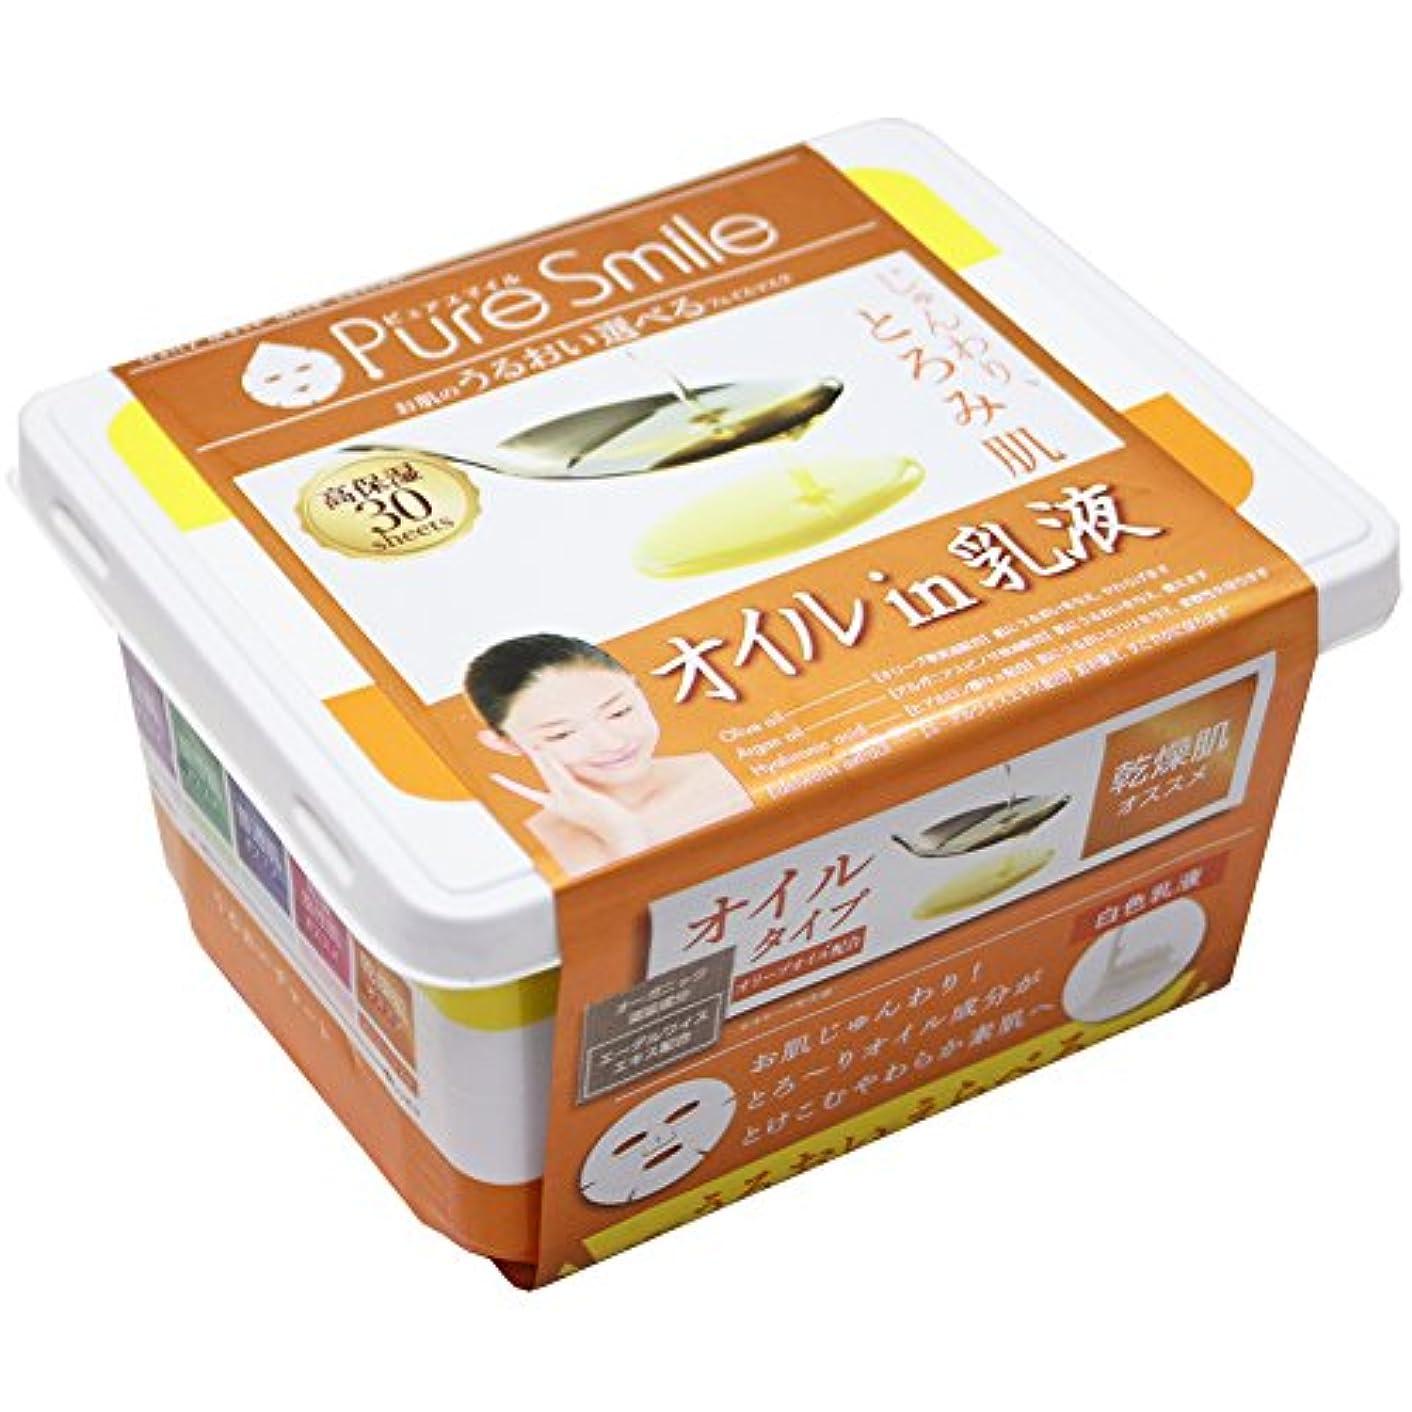 可愛い華氏演劇Pure Smile(ピュアスマイル) PureSmile(ピュアスマイル) フェイスパック エッセンスマスク 30枚セット オイルin乳液?3S05 フェイスマスク